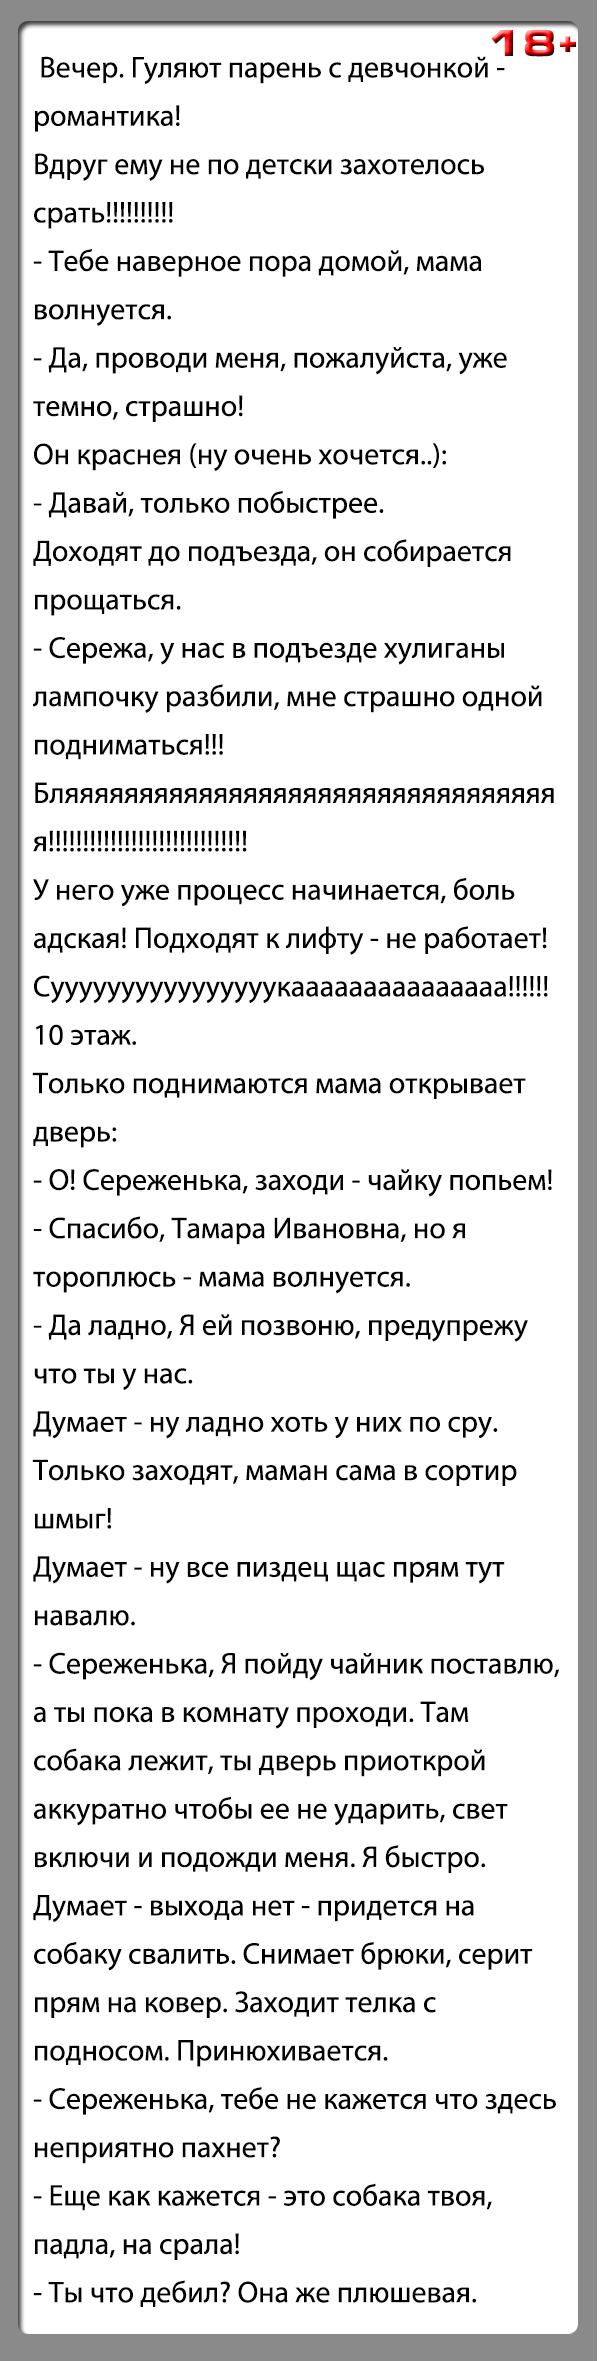 """Анекдот """"Гуляют парень с девчонкой-романтика"""""""